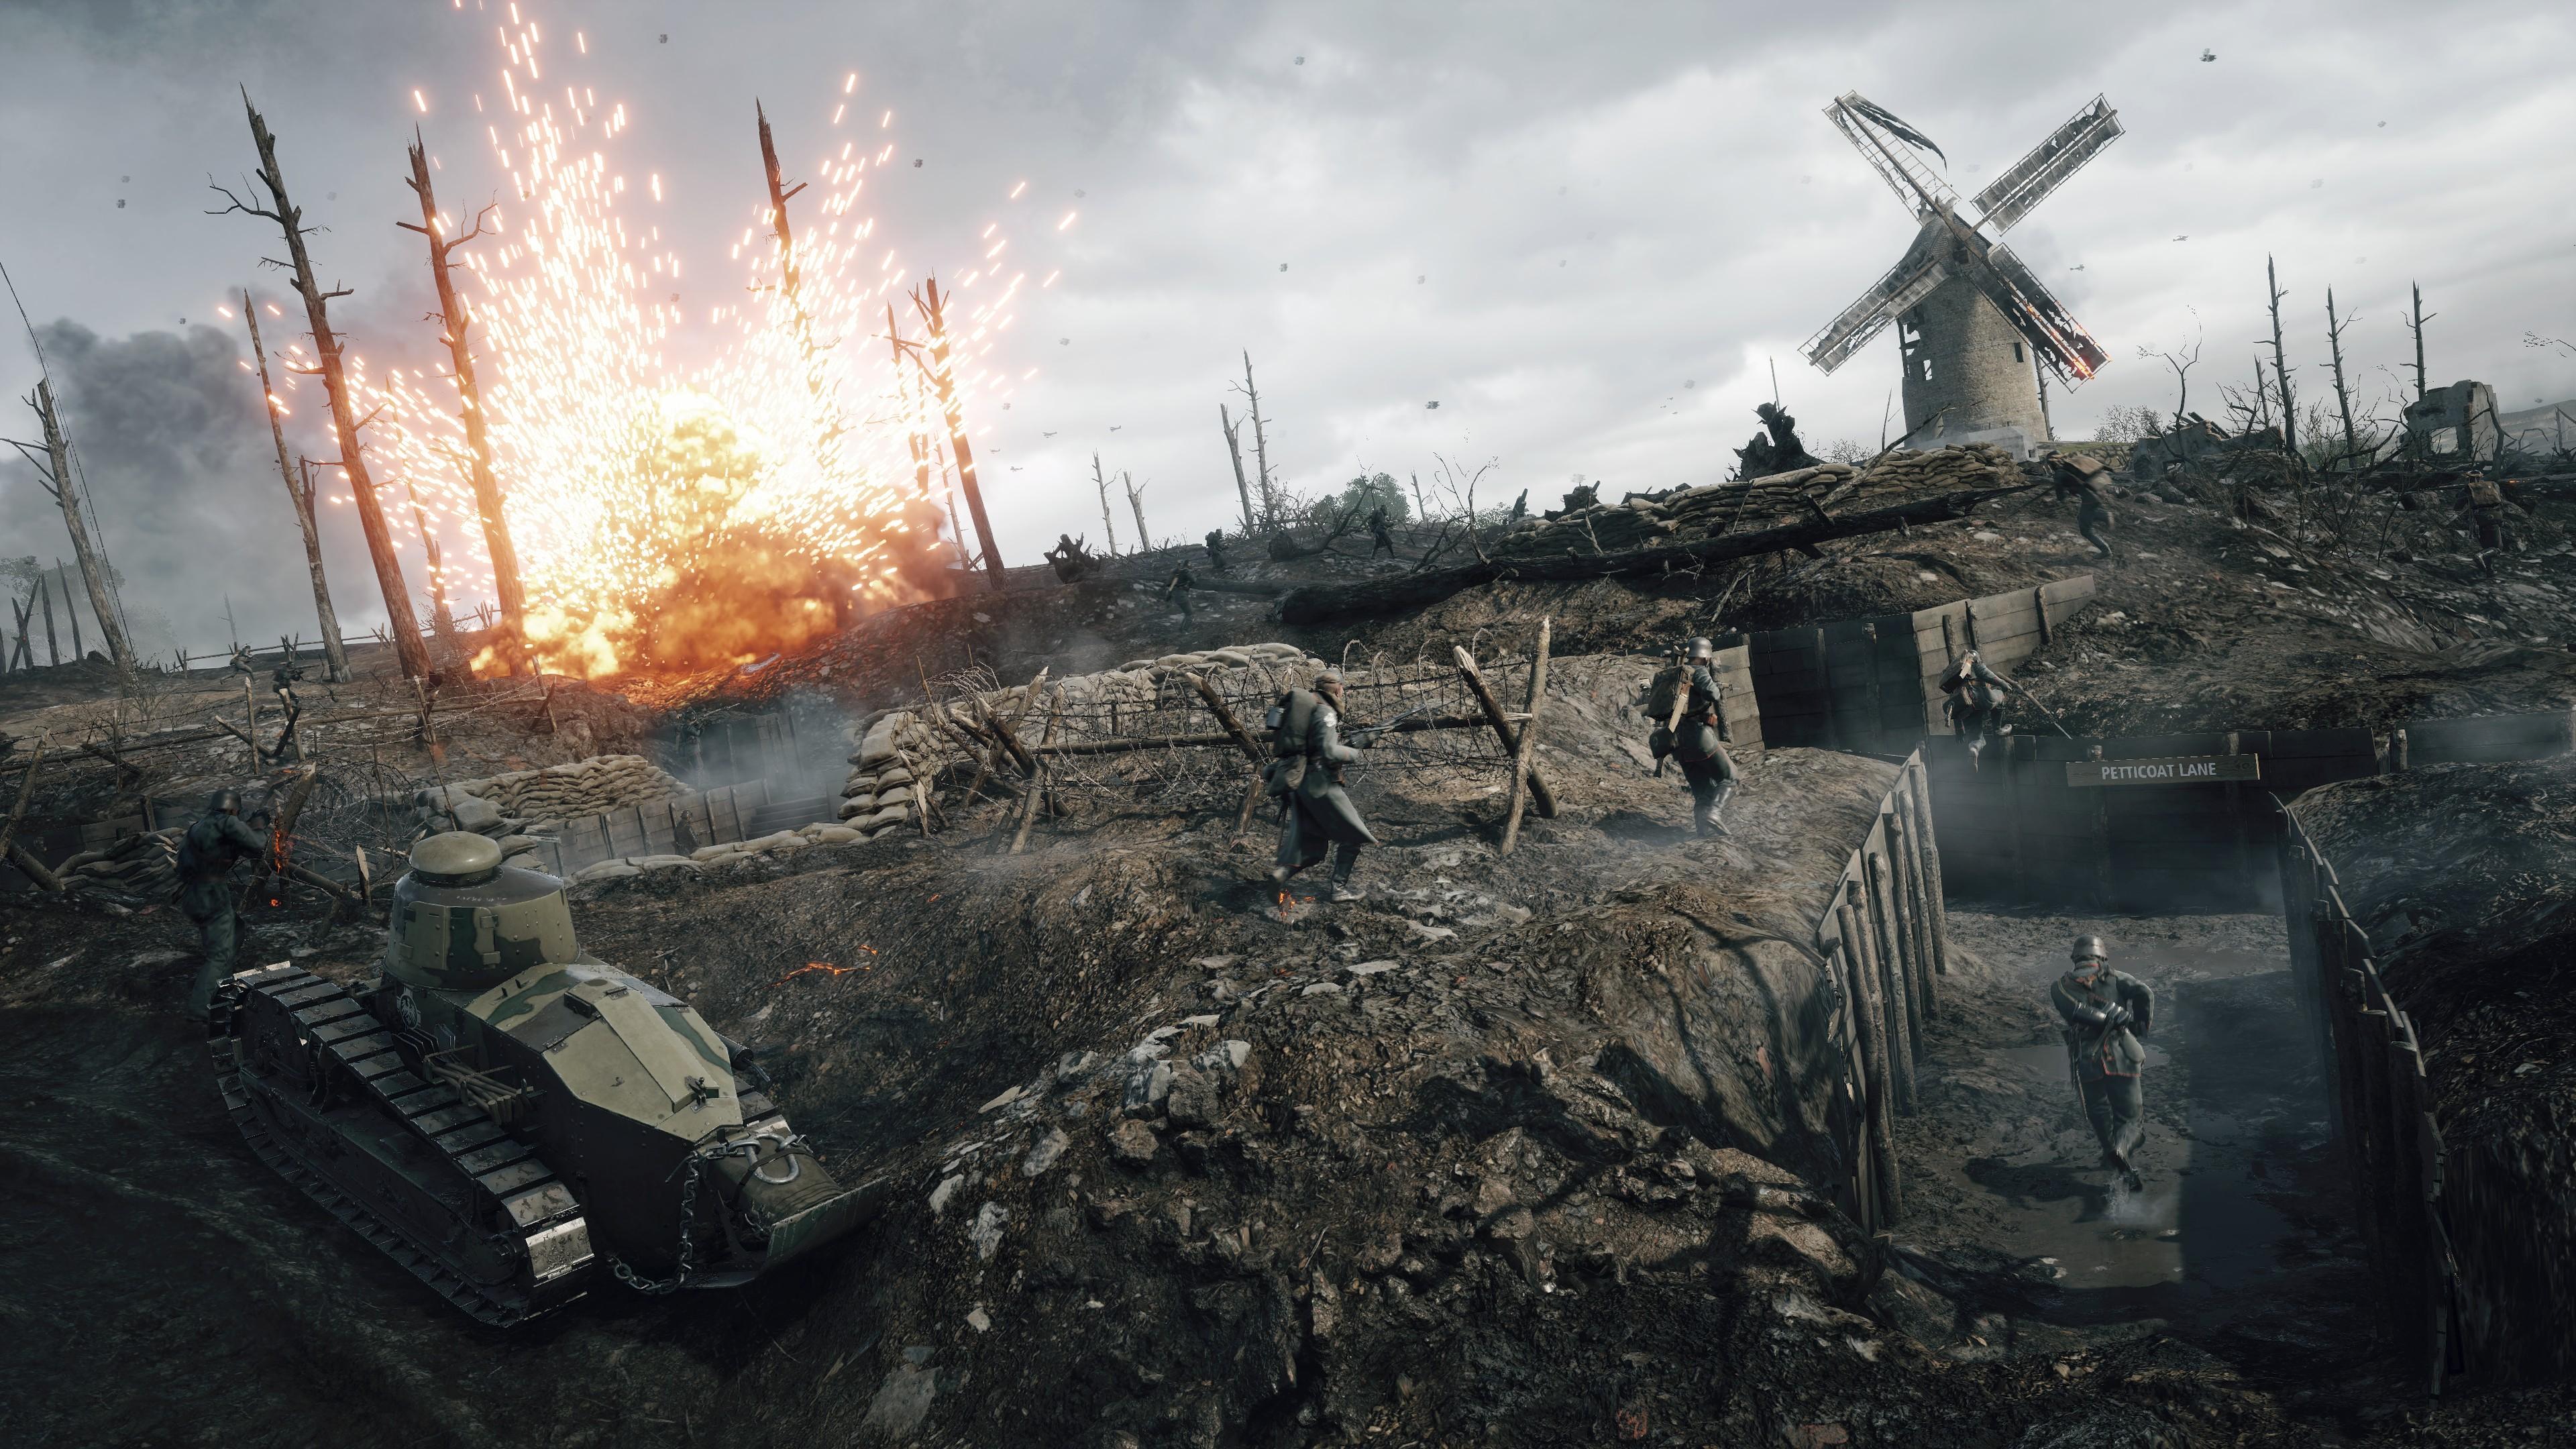 https://i1.wp.com/www.hdwallpaper.nu/wp-content/uploads/2016/06/Battlefield-1-Wallpaper-699183.jpg